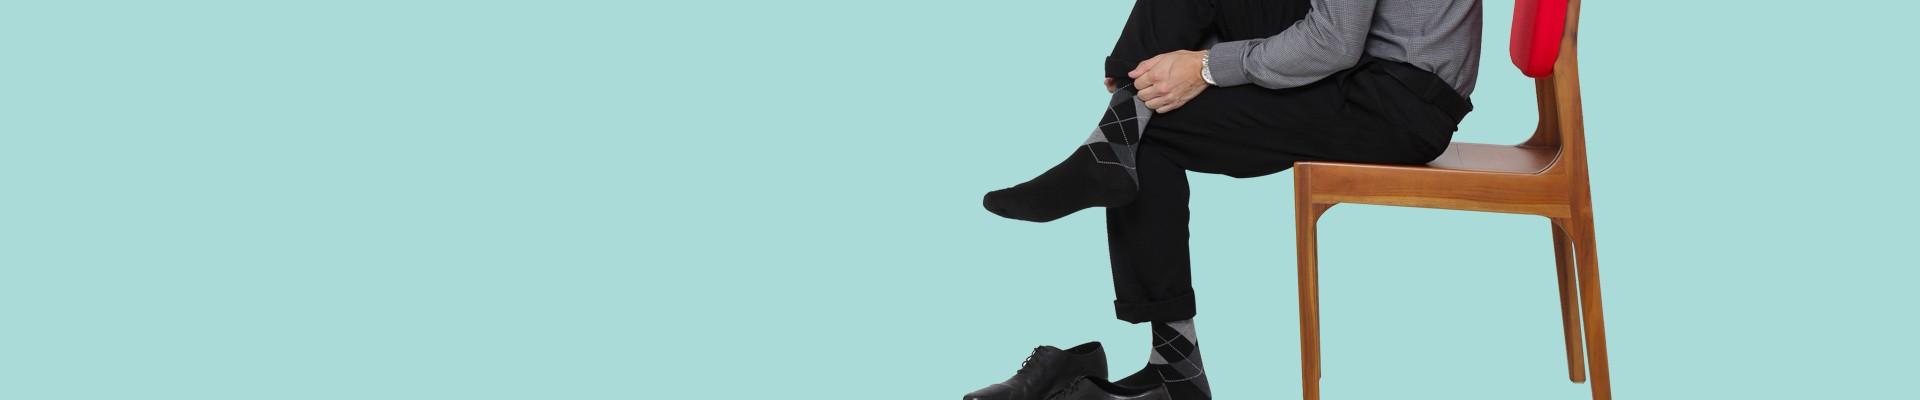 Jual Kaos Kaki Pria Motif Terbaru & Terlengkap - Harga Murah / Grosir